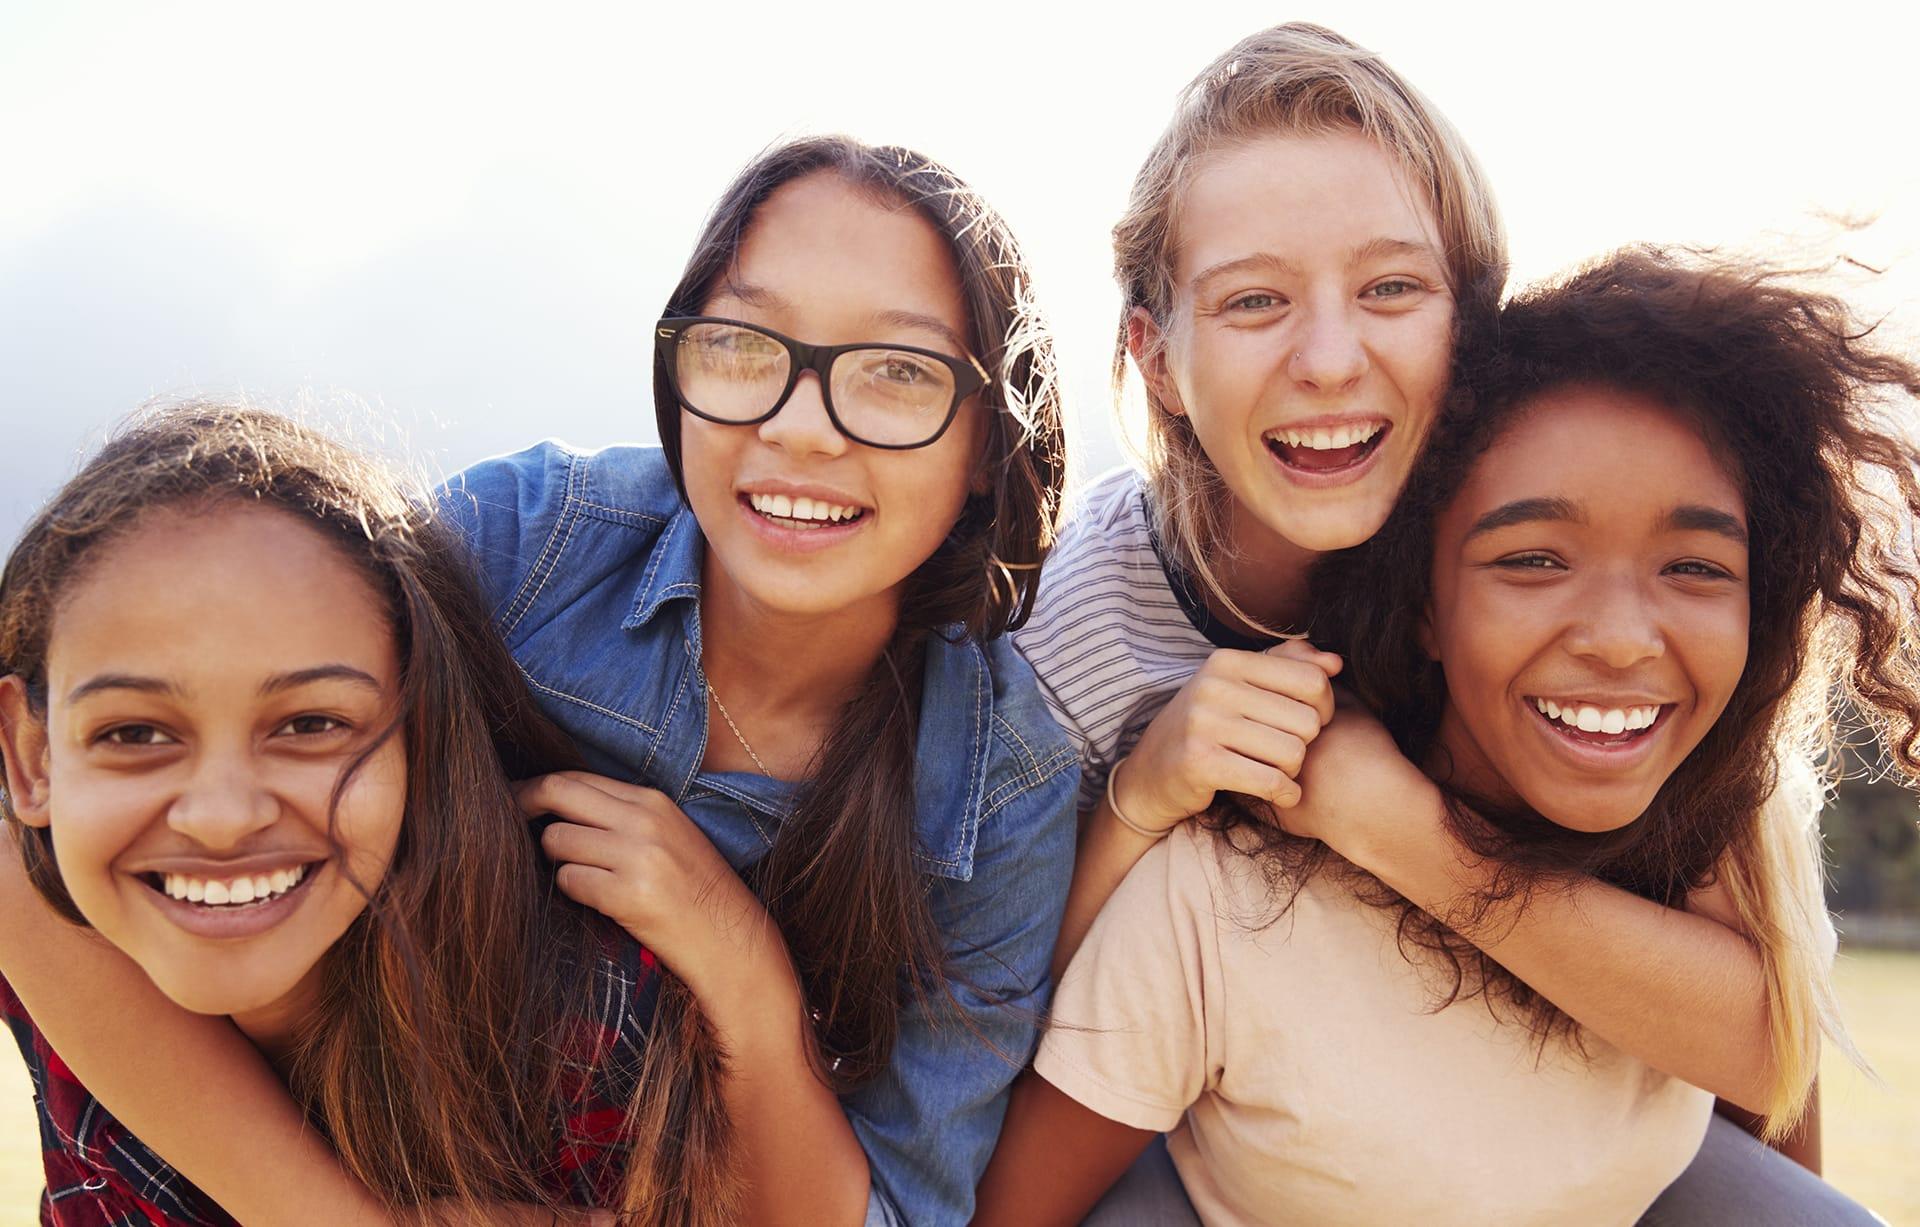 Pubertät: Zwei Mädchen tauschen sich über körperliche Veränderungen wie die der Vagina aus.